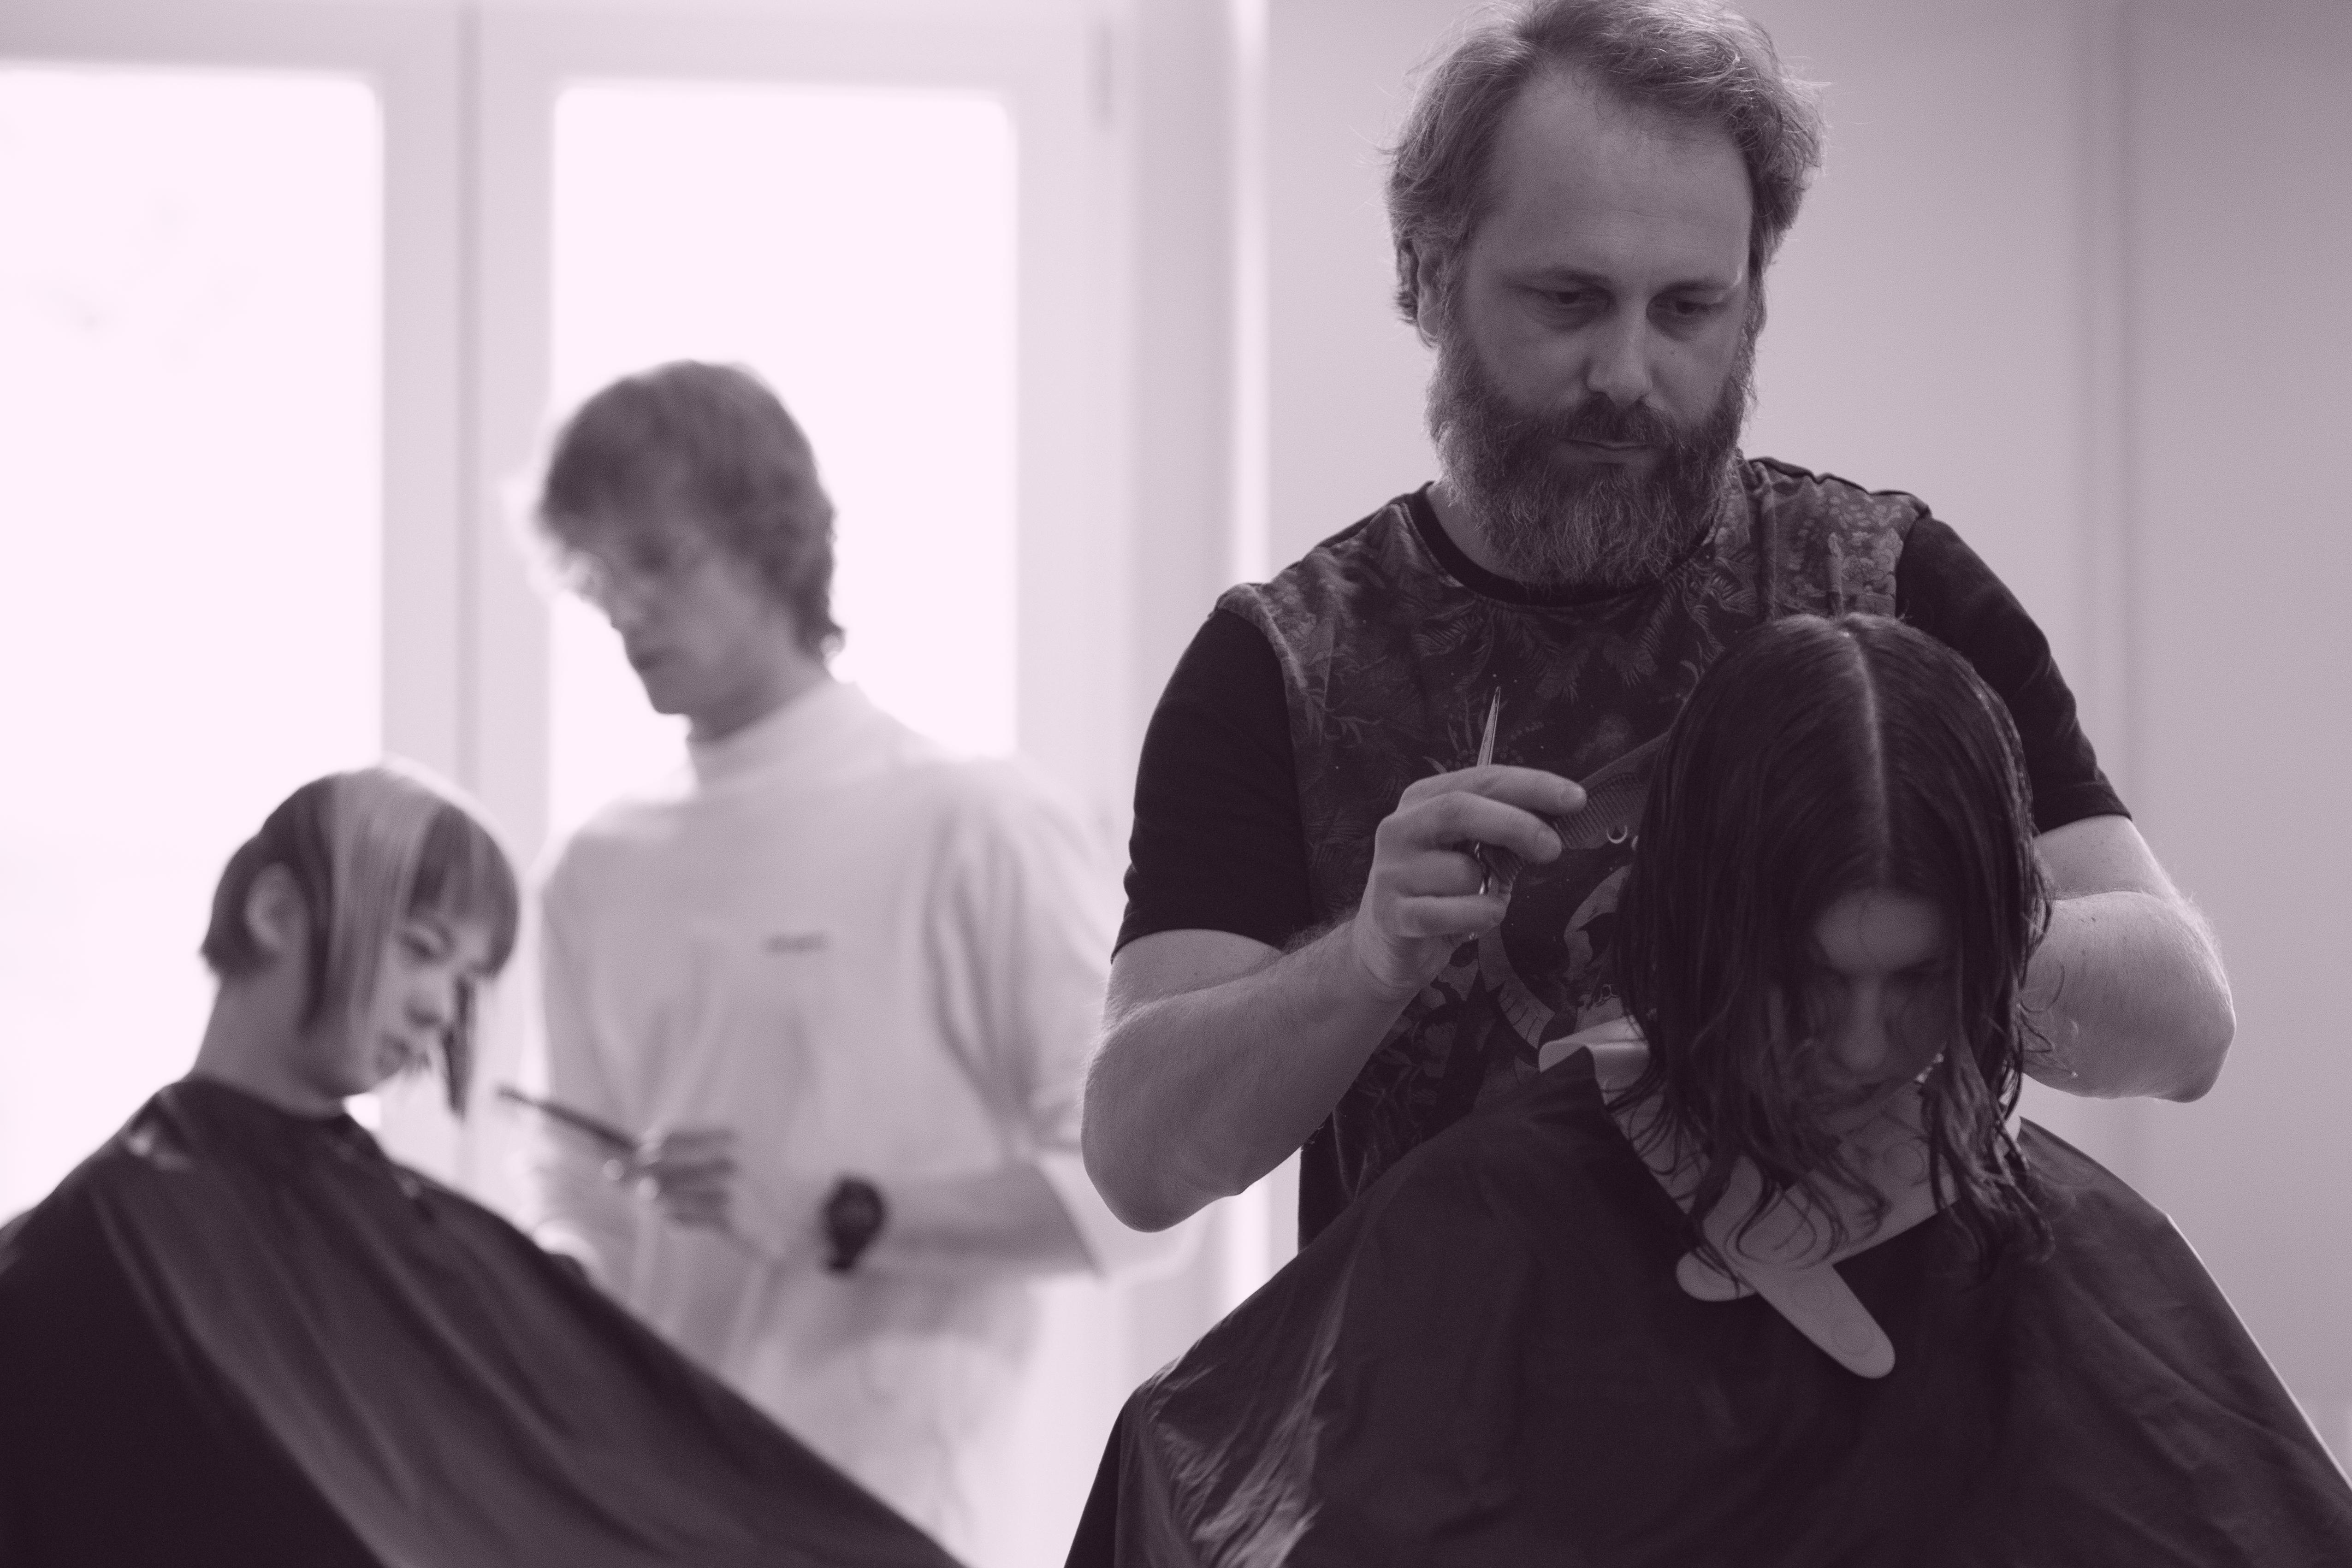 szkolenie fryzjerskie bydgoszcz